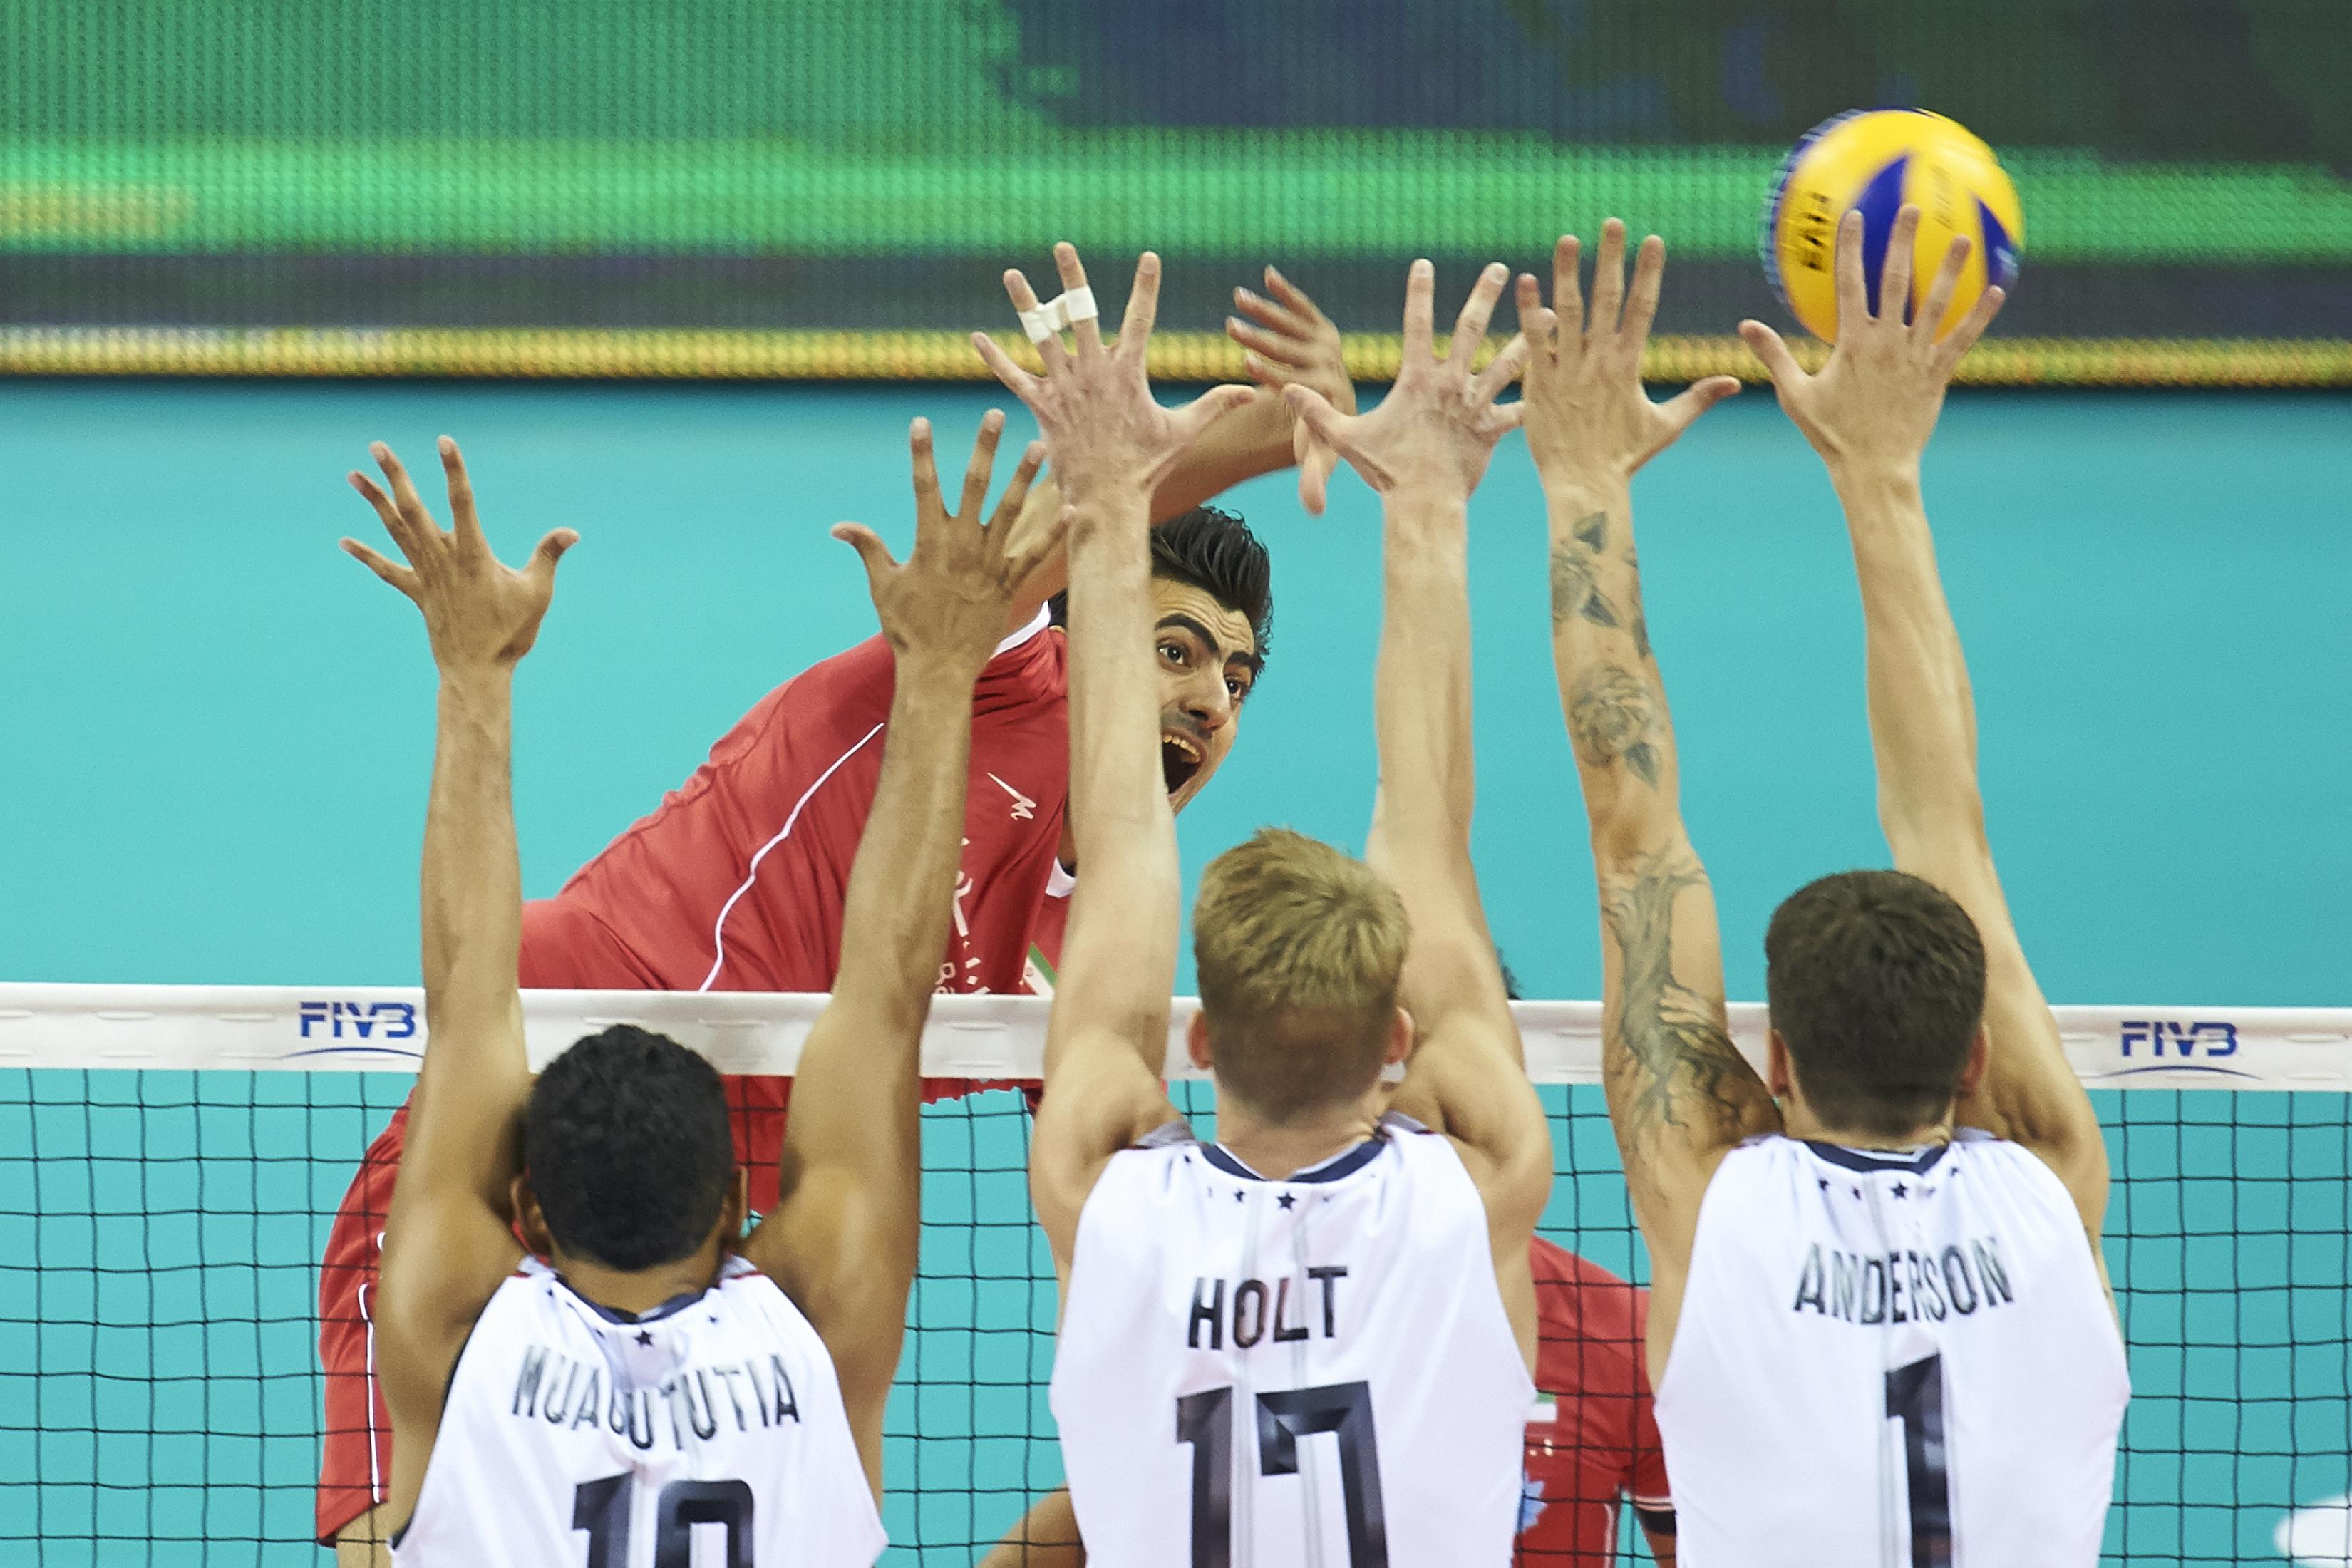 والیبال قهرمانی جهان تماشاگران والیبال ایران تماشاگران والیبال تماشاگران ایرانی والیبال iran fans